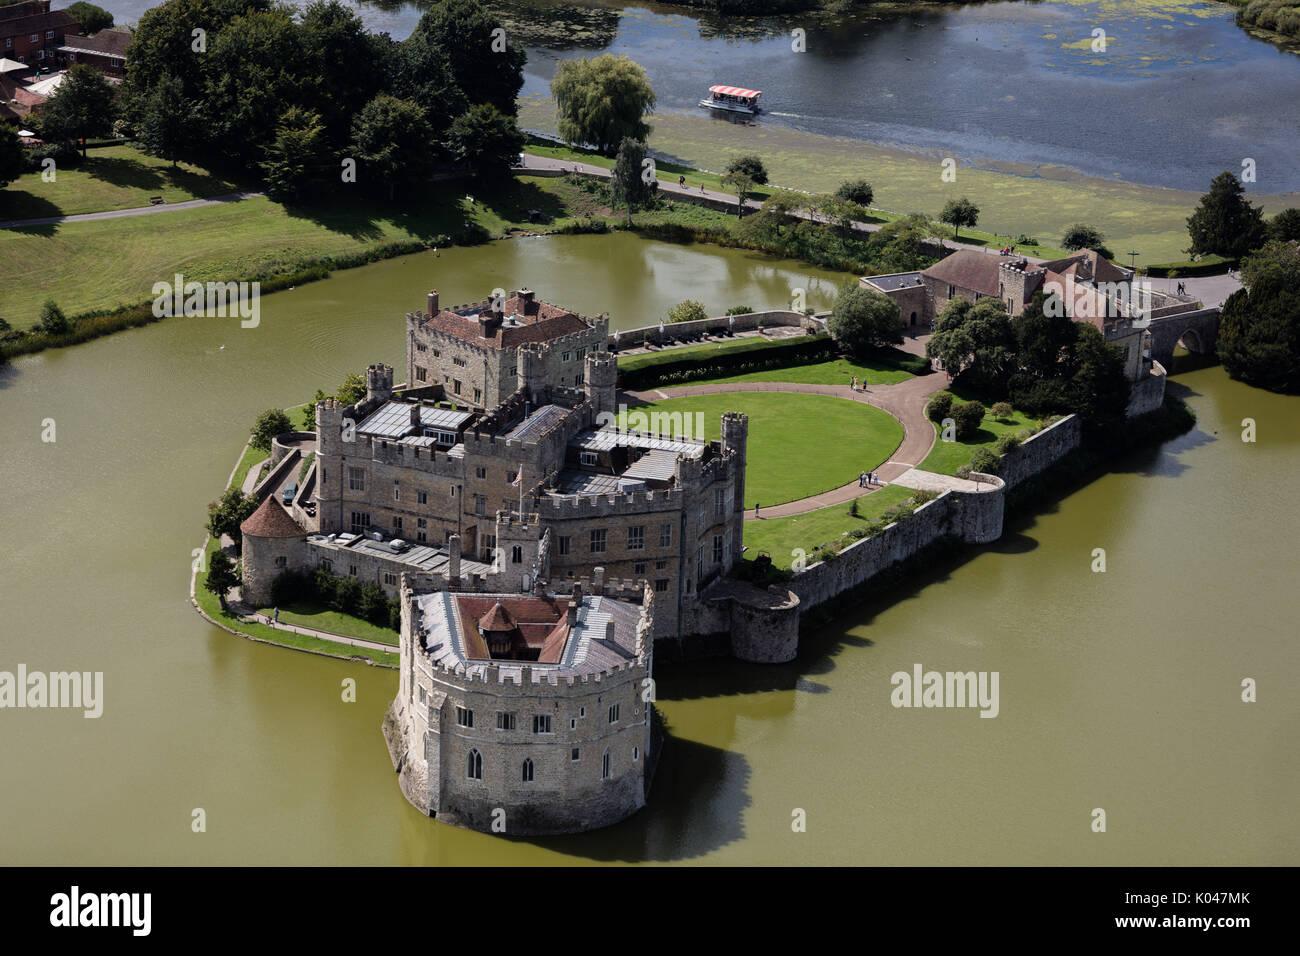 Une vue aérienne de Leeds Castle, dans le Kent. Photo Stock